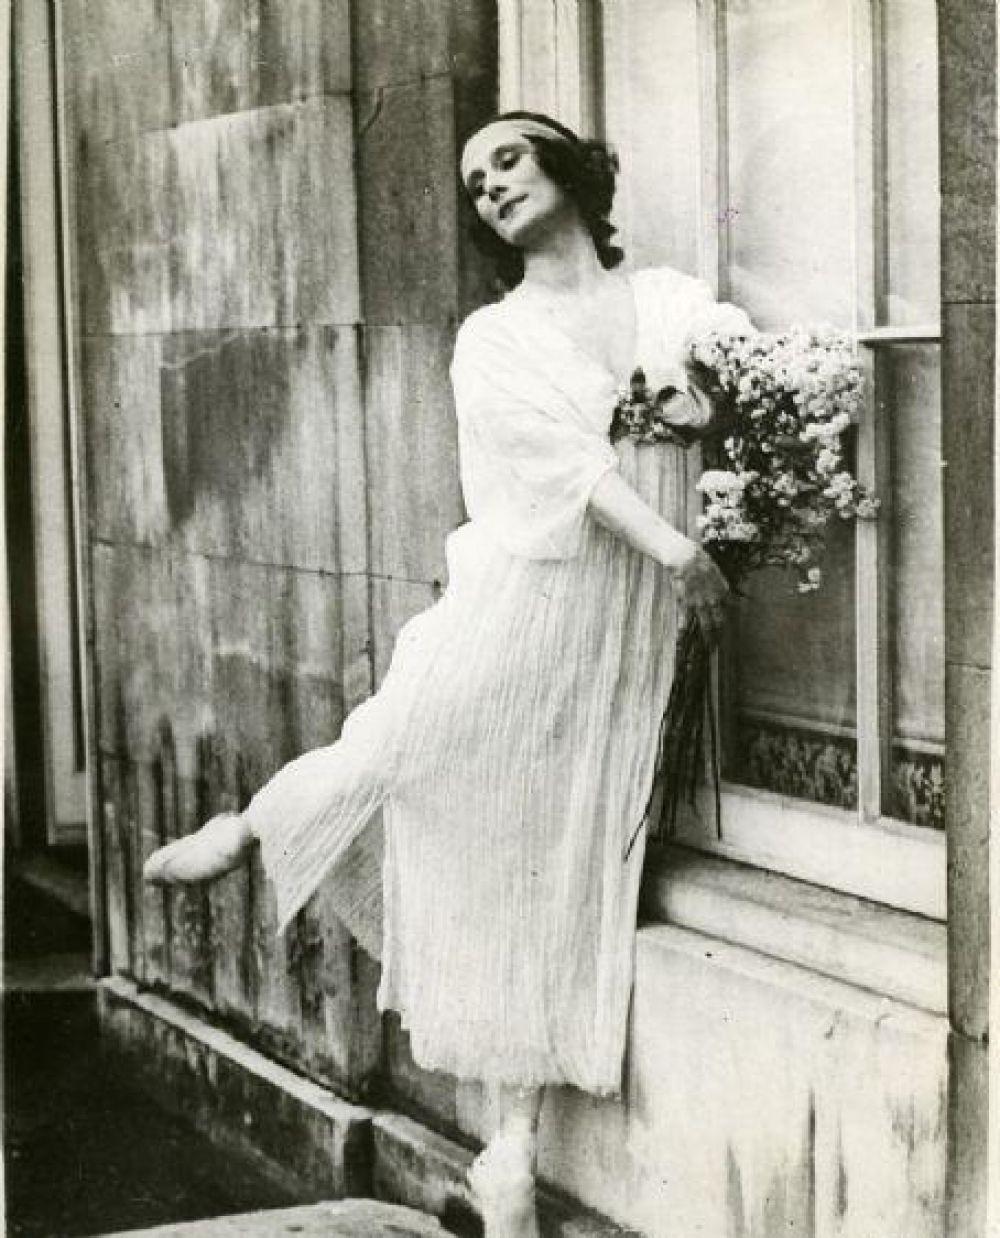 1911-1925 года - это 15 лет настоящей славы Анны Павловой. В это время балерина ездит на гастроли не только в Европу, но и неоднократно балерина бывала в Англии и США, Малайзию и Манилу, а также - Япония и Китай. В это время Анна Павлова с гастролями ездит и в Австралию. Увы, но денег и состояния ей особо это все не приносит, поскольку практически все сбережения уходят на тренировочные костюмы и пуанты. Известно, что балетной обуви у Анны Павловой было целых 36 пар и все их приходилось возить с собой в маленьком чемоданчике.